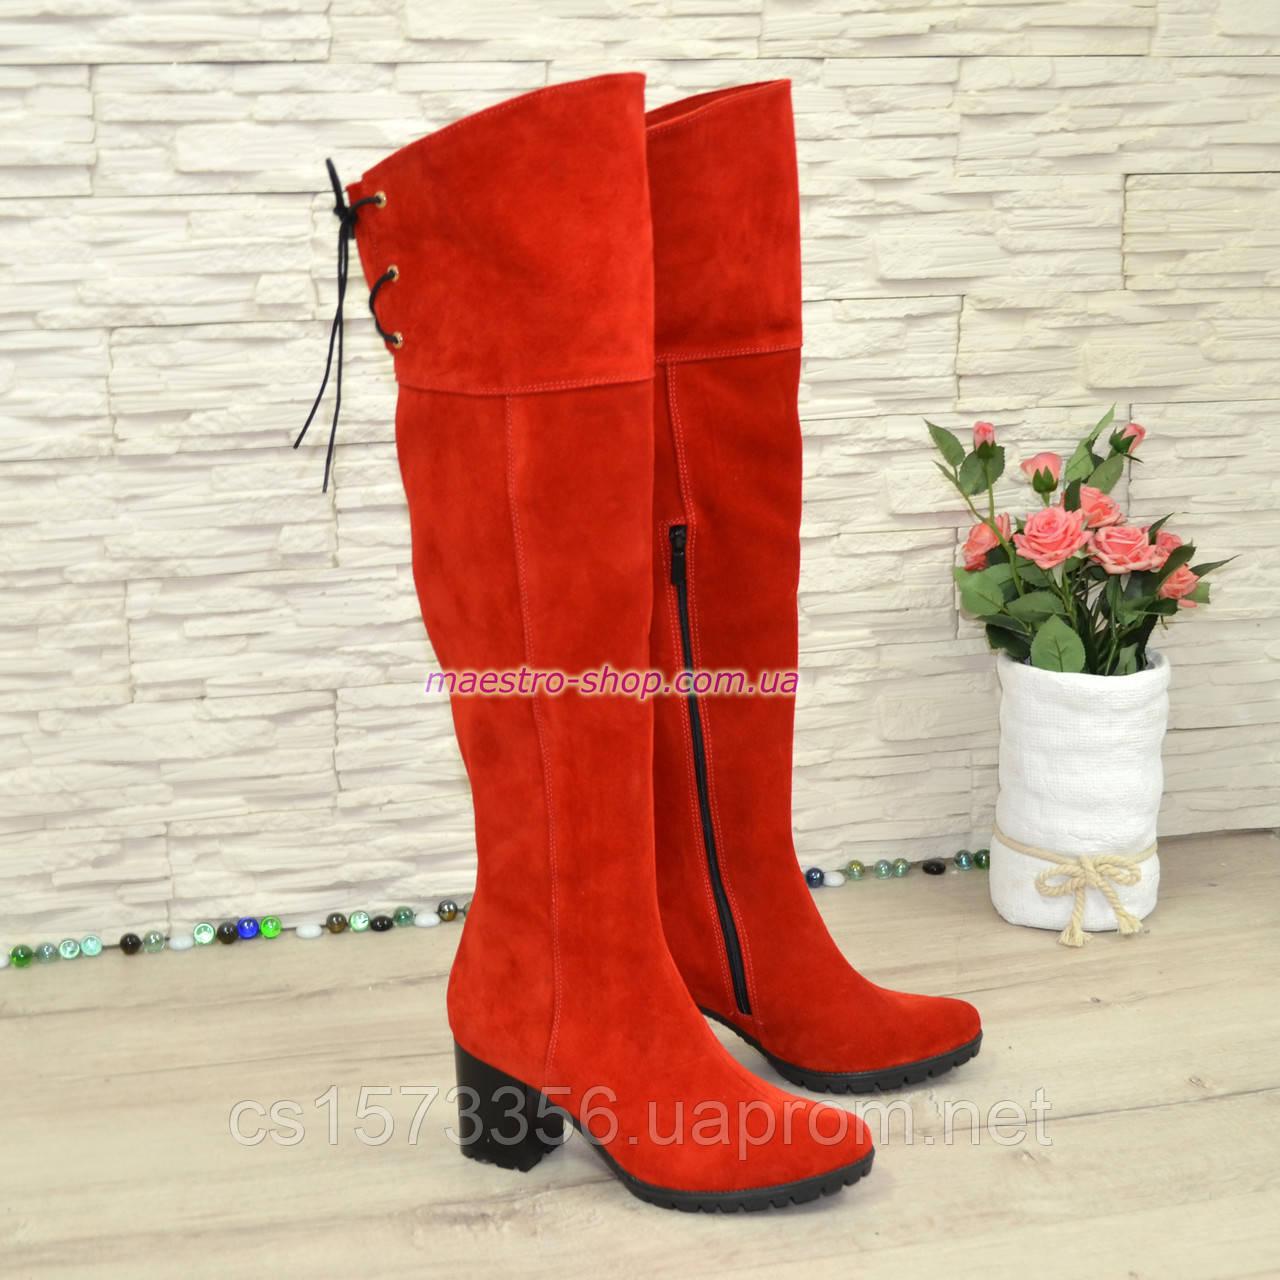 Зимние замшевые красные ботфорты на устойчивом каблуке